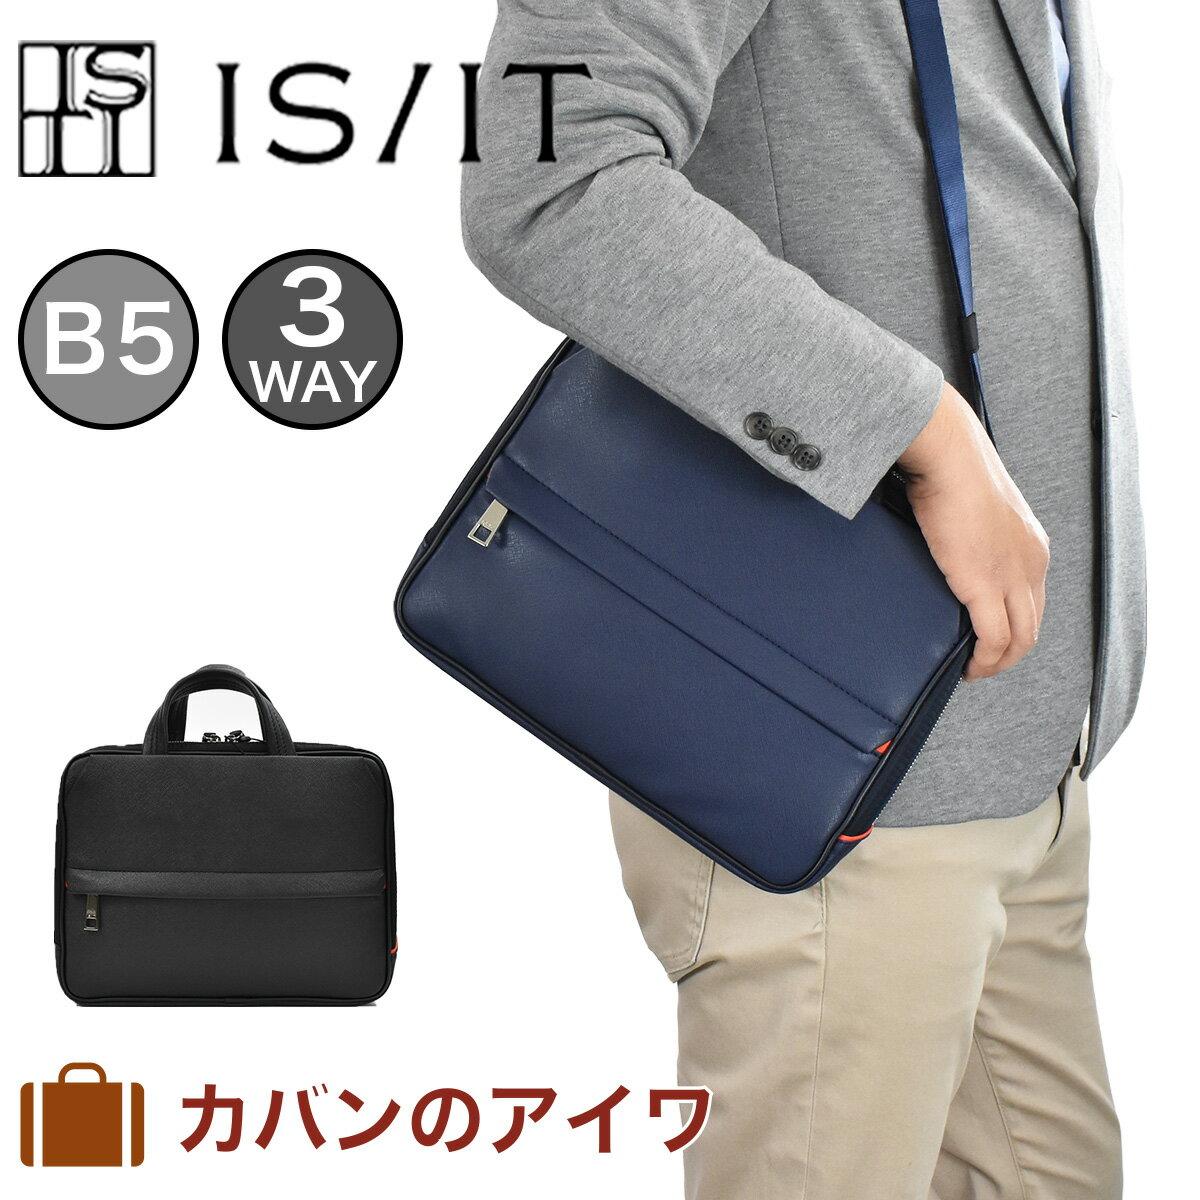 メンズバッグ, ビジネスバッグ・ブリーフケース 1,000OFF42 ISIT ISIT Safir B5 3WAY 937501